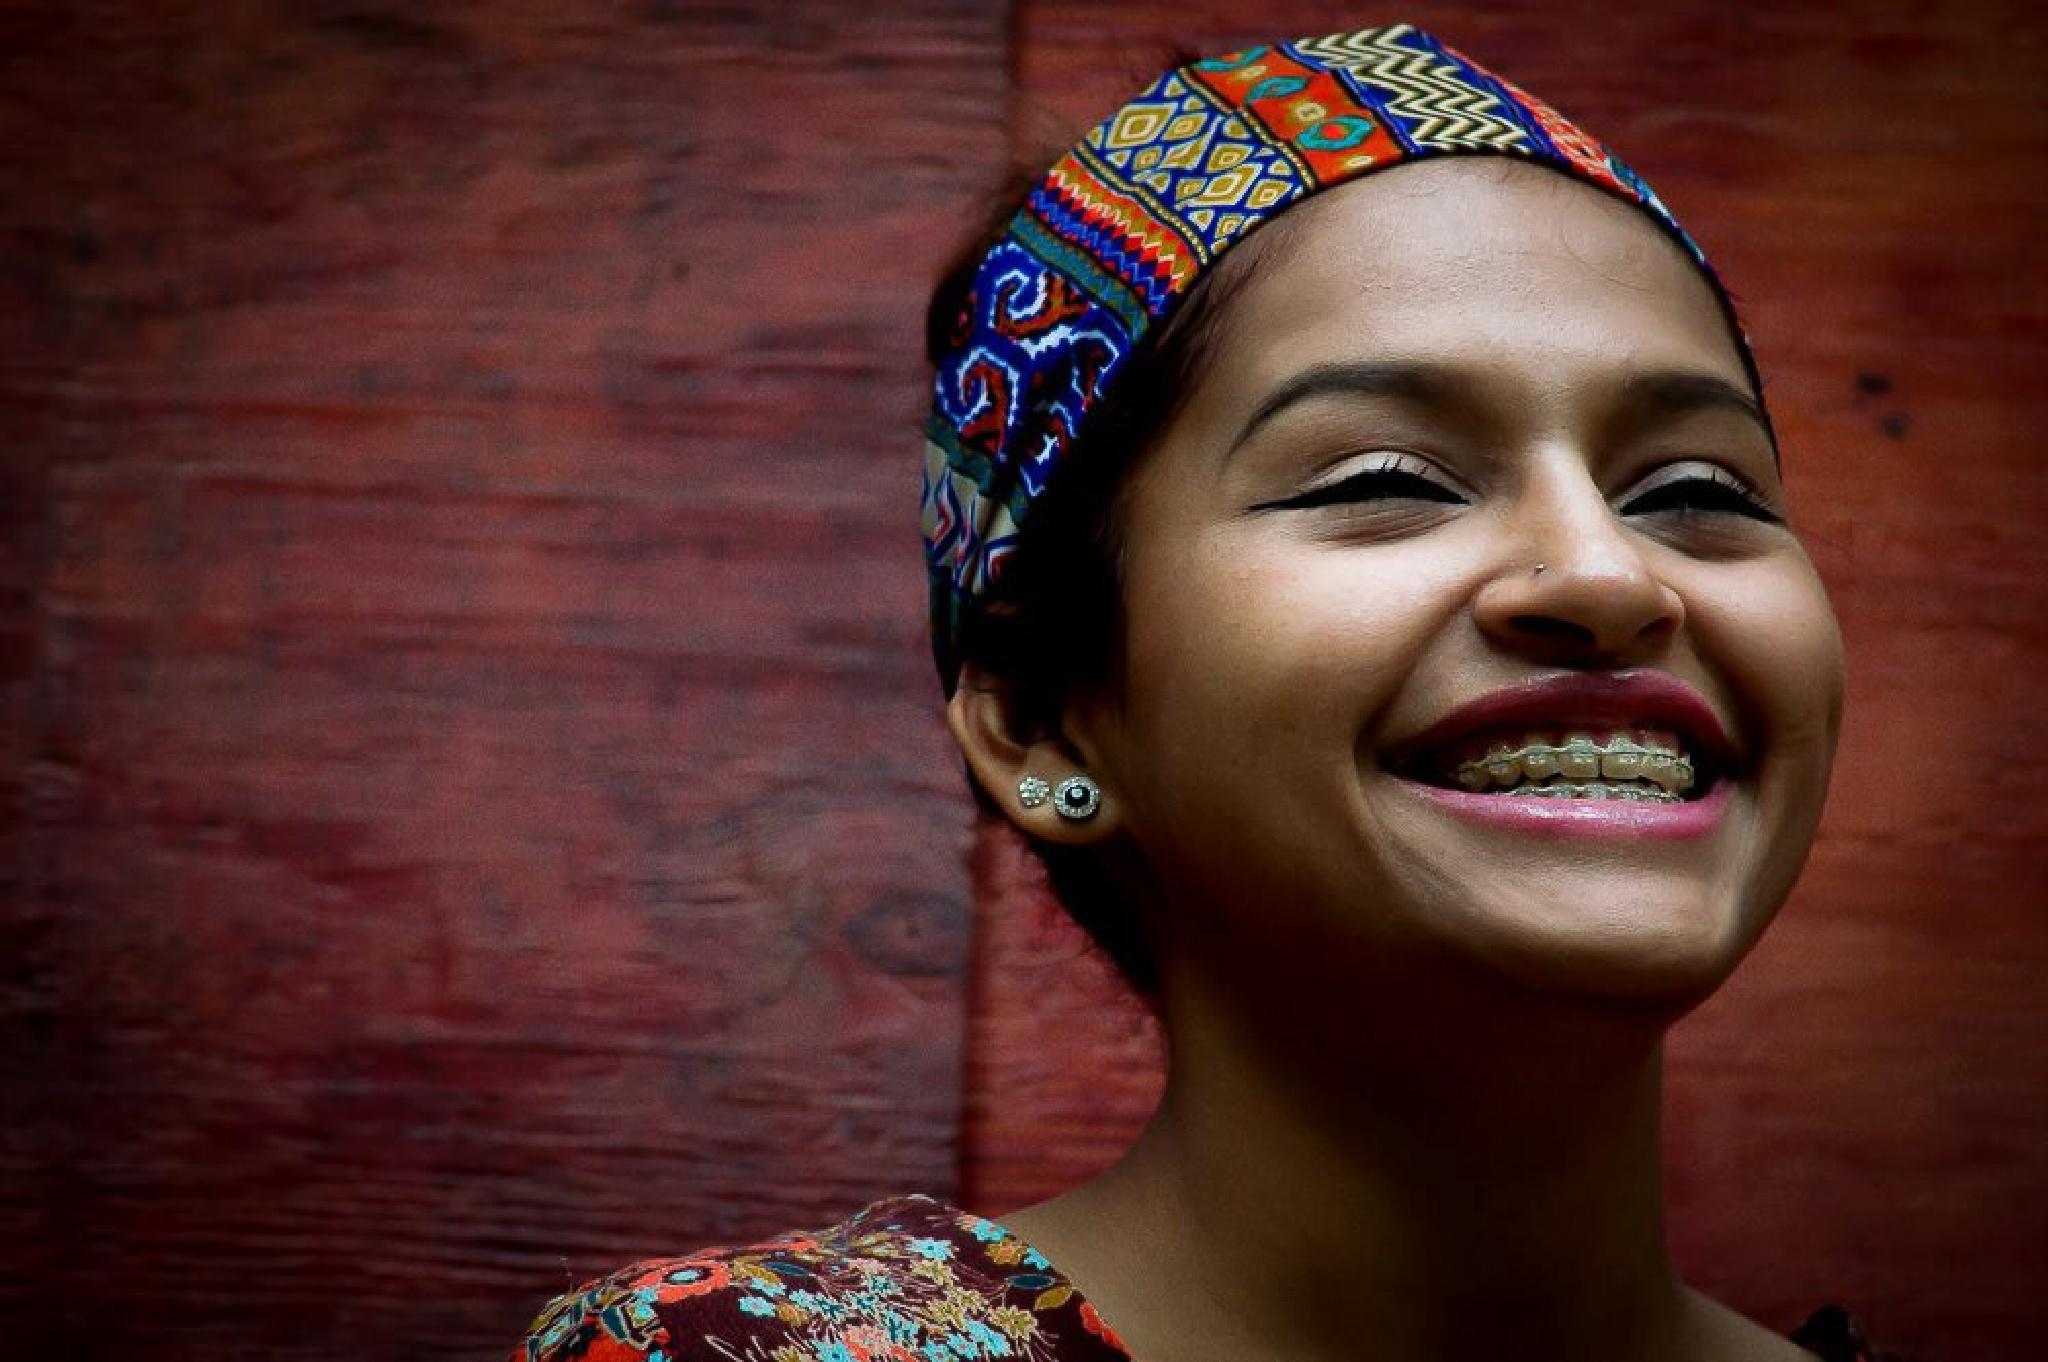 Smile by katebennettphotography